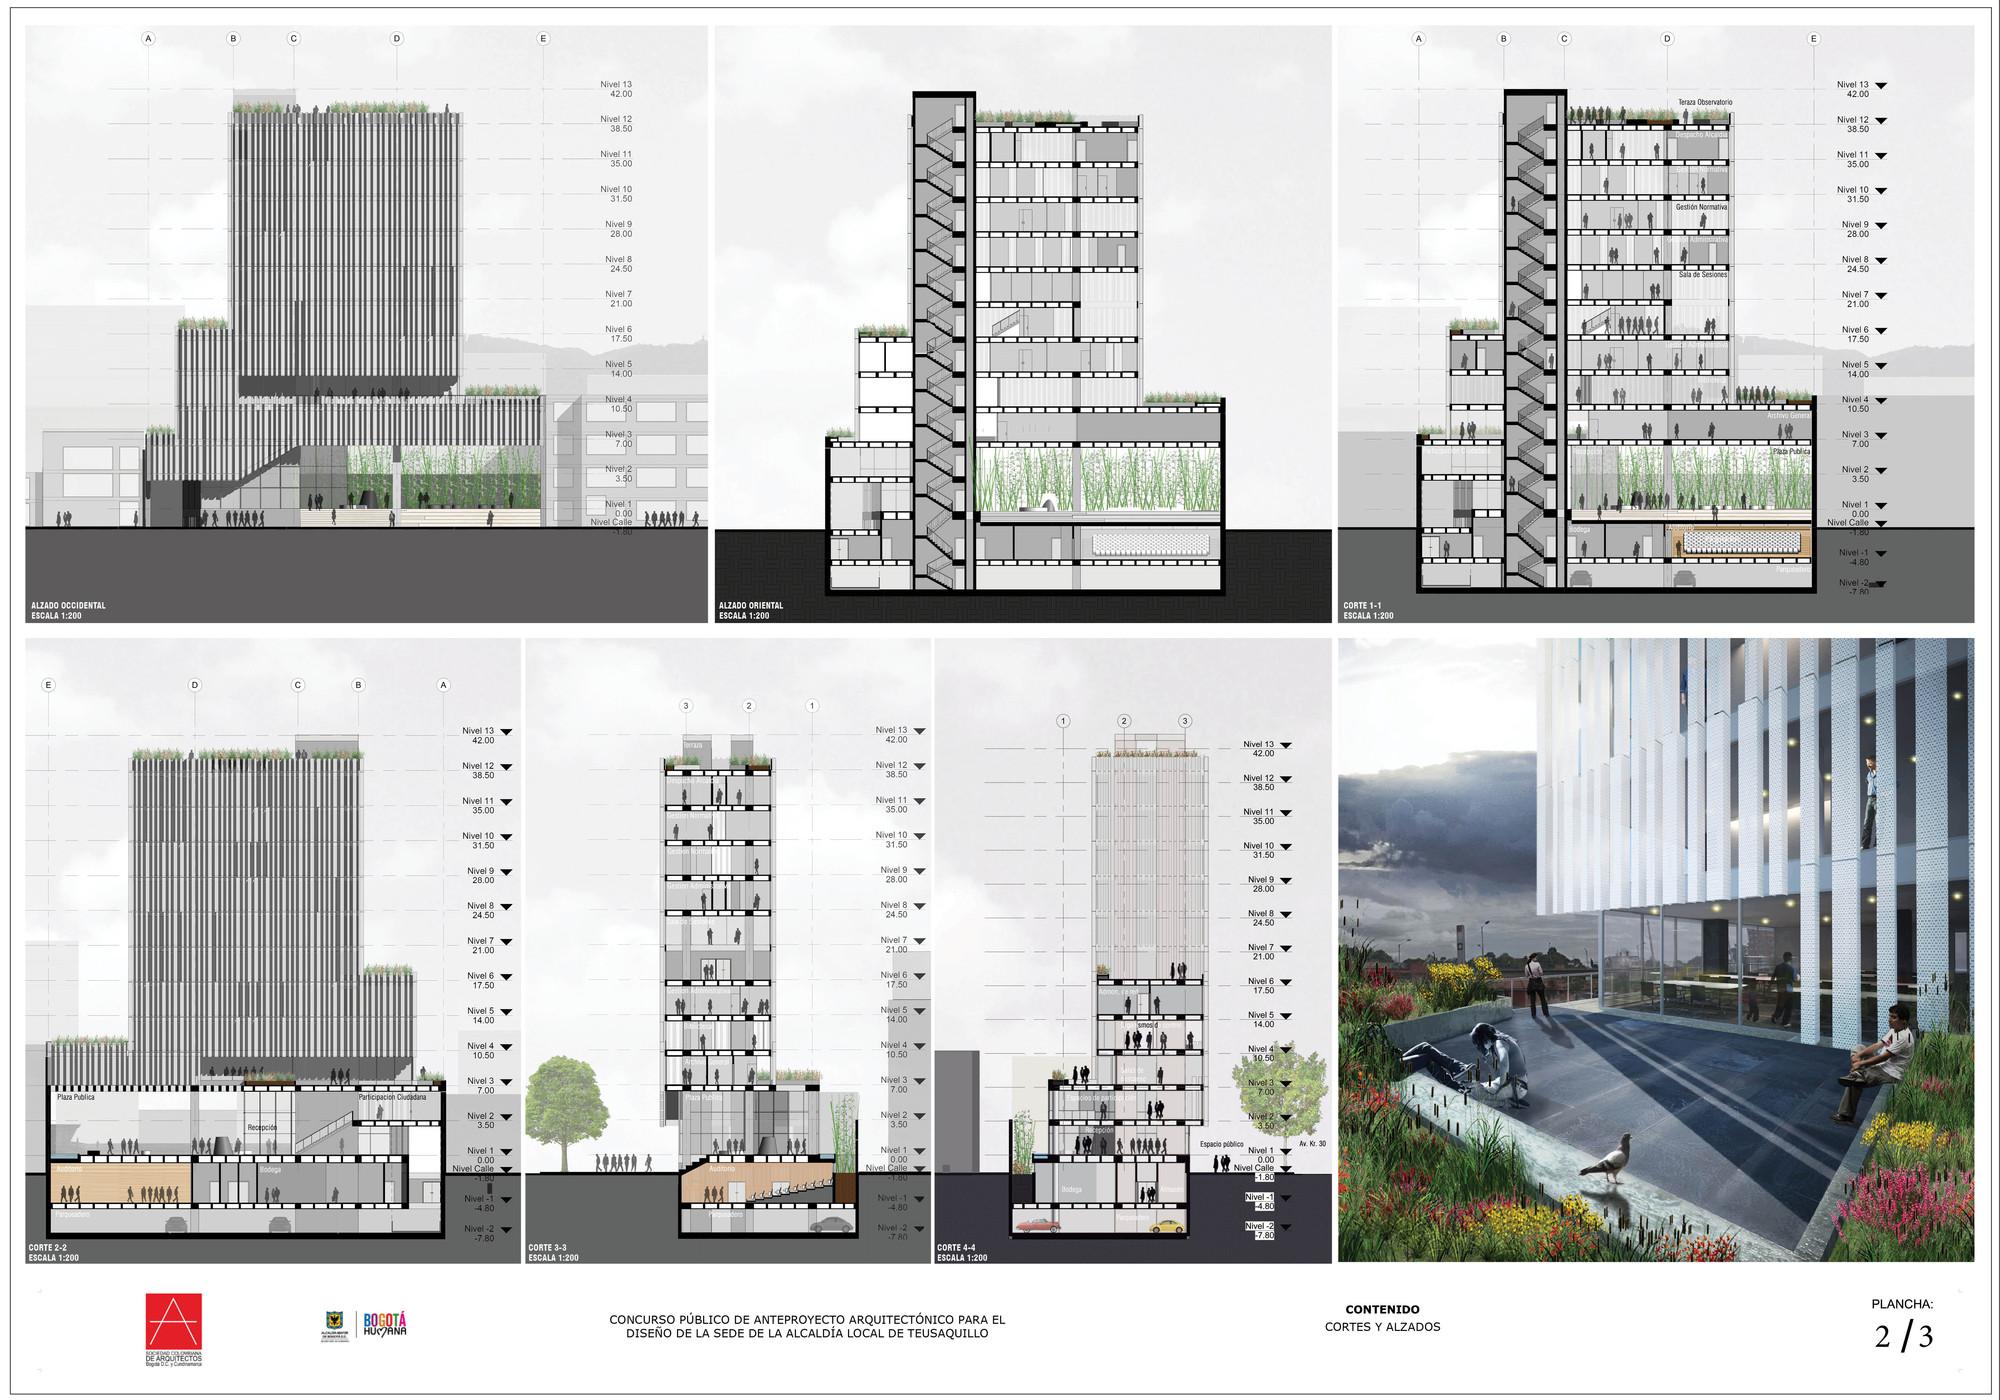 Galer a de segundo lugar concurso p blico de anteproyecto for Representacion grafica de planos arquitectonicos